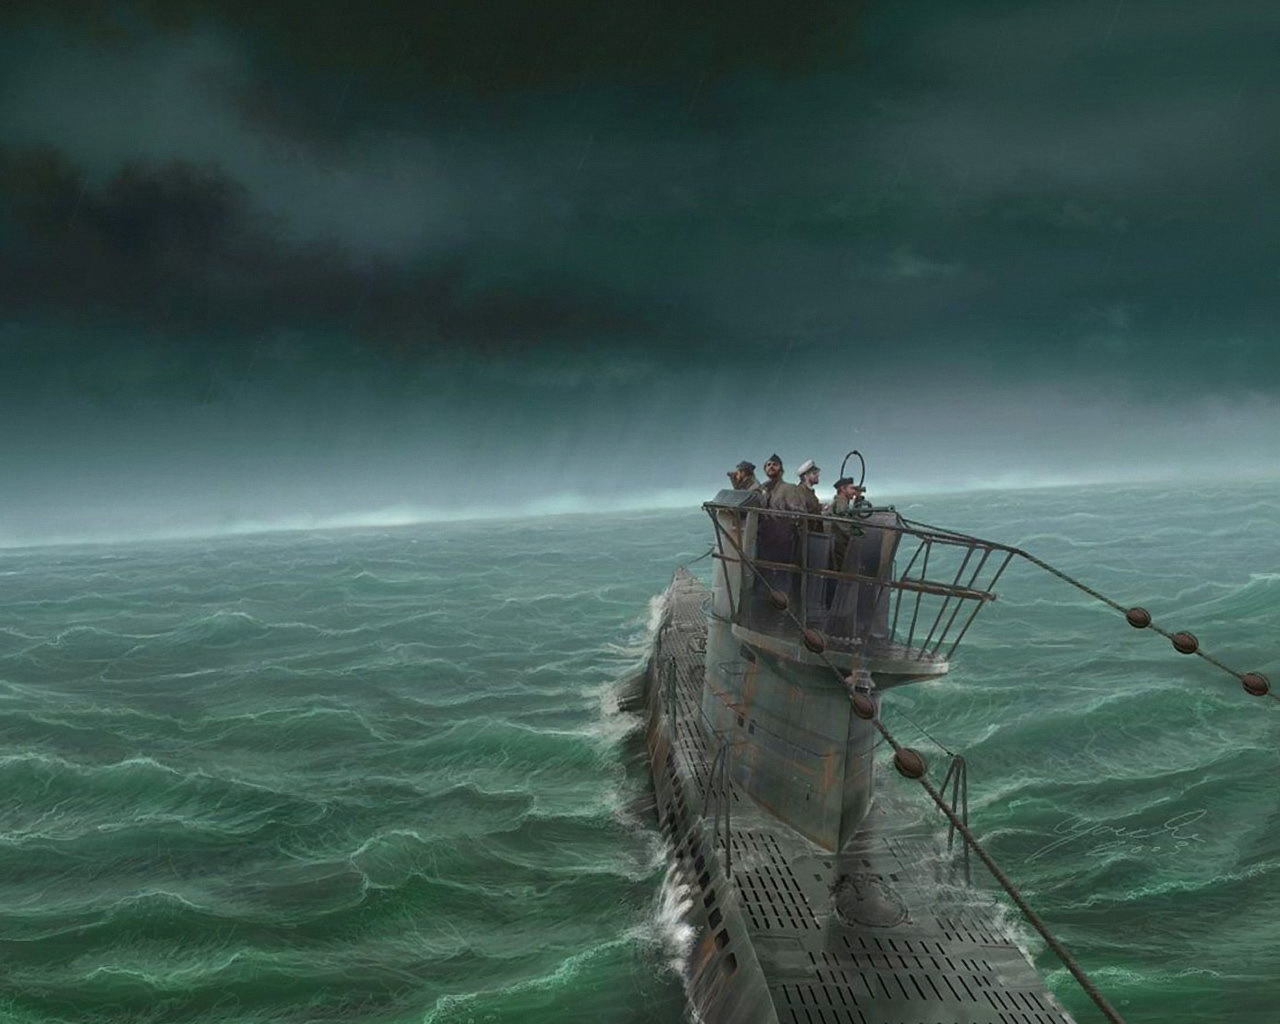 лодка корабль люди в воде